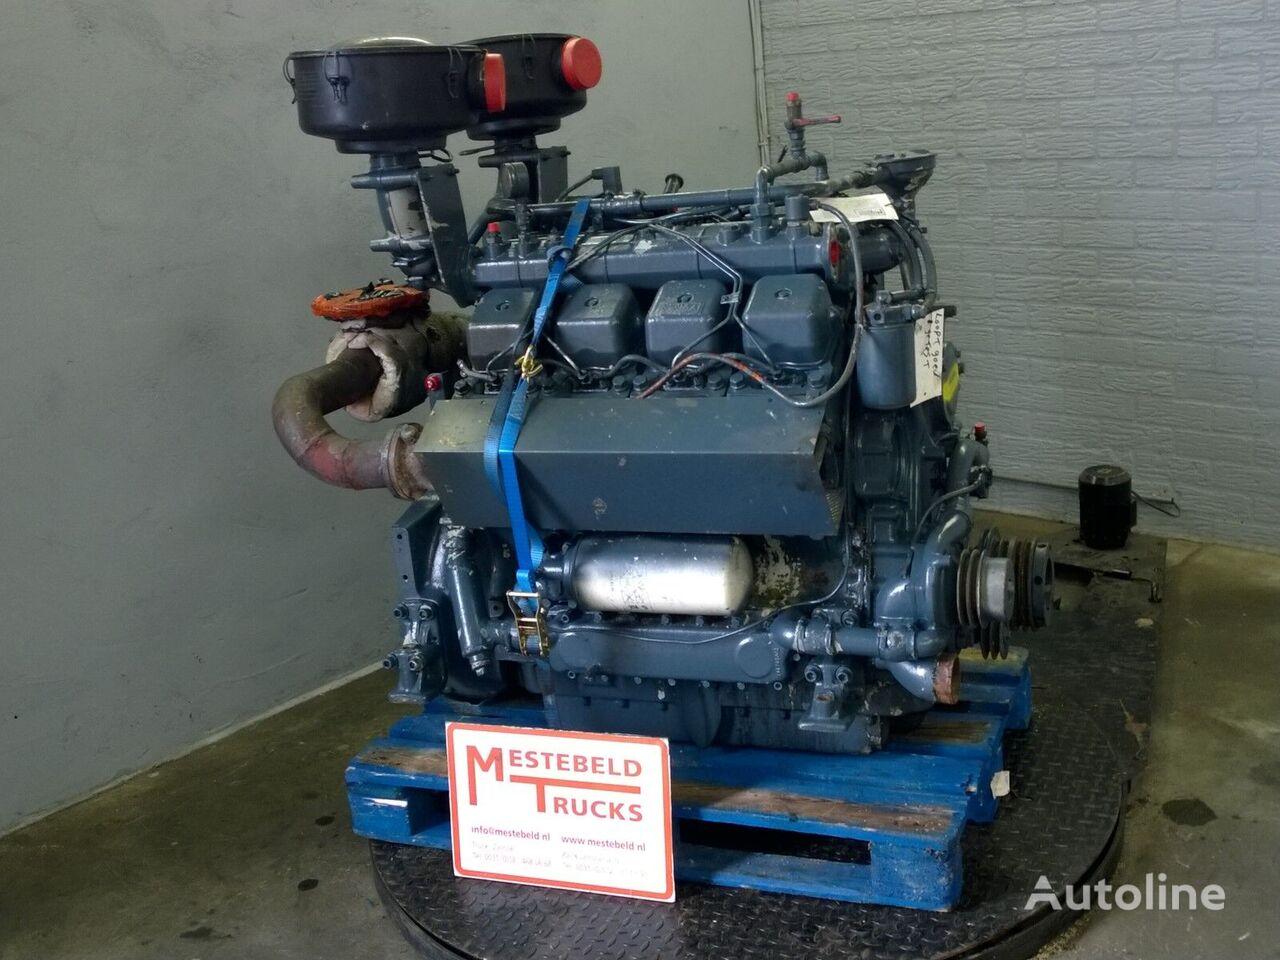 motore  MWM D234 V8 per trattore stradale Motor MWM D234 V8